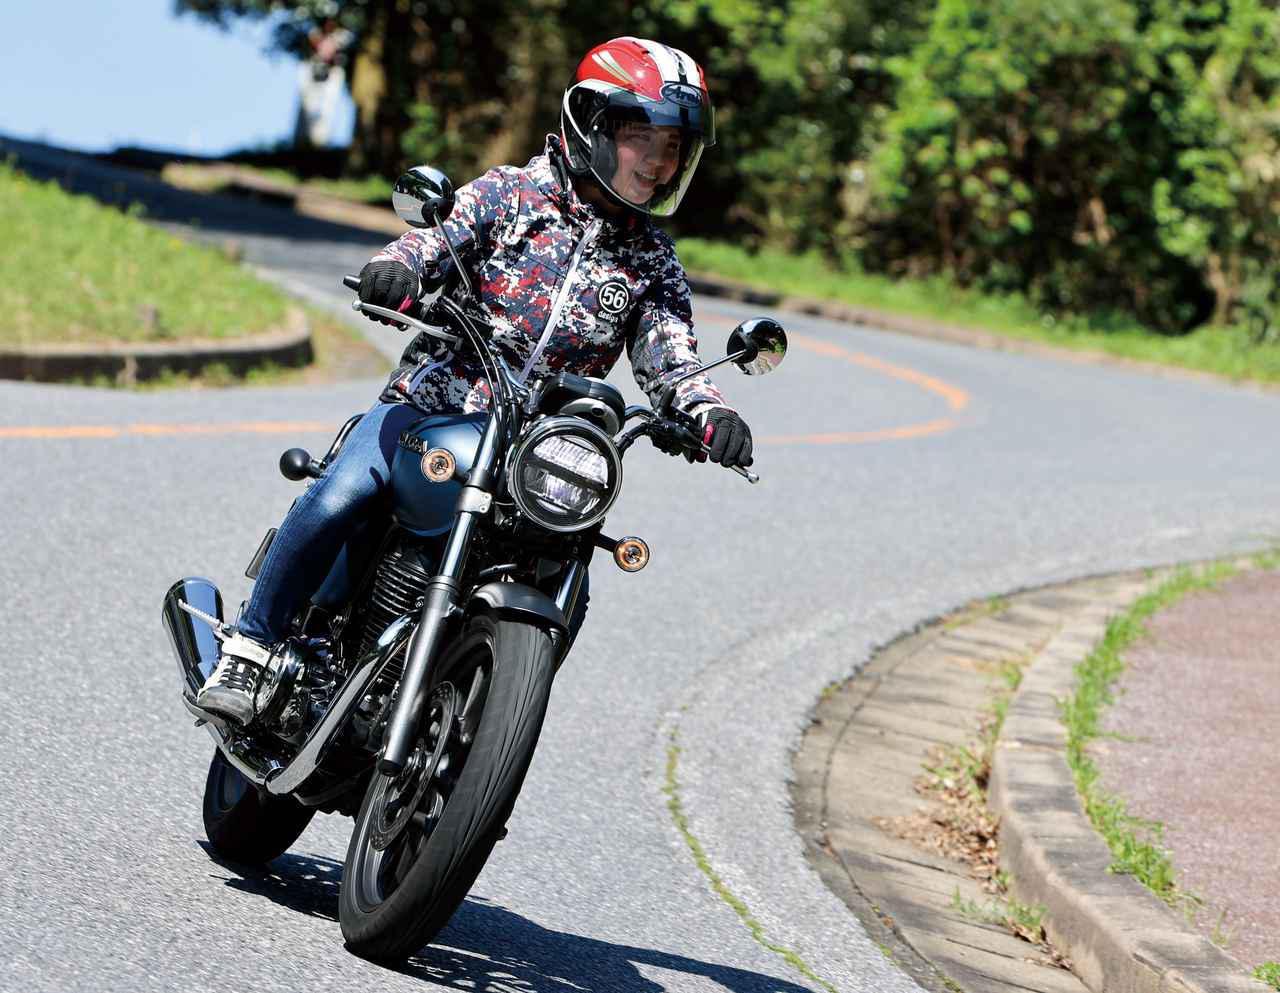 ホンダ「GB350」梅本まどかの試乗レビュー バイクらしいカタチがいい! 足つき性や取り回しもチェック